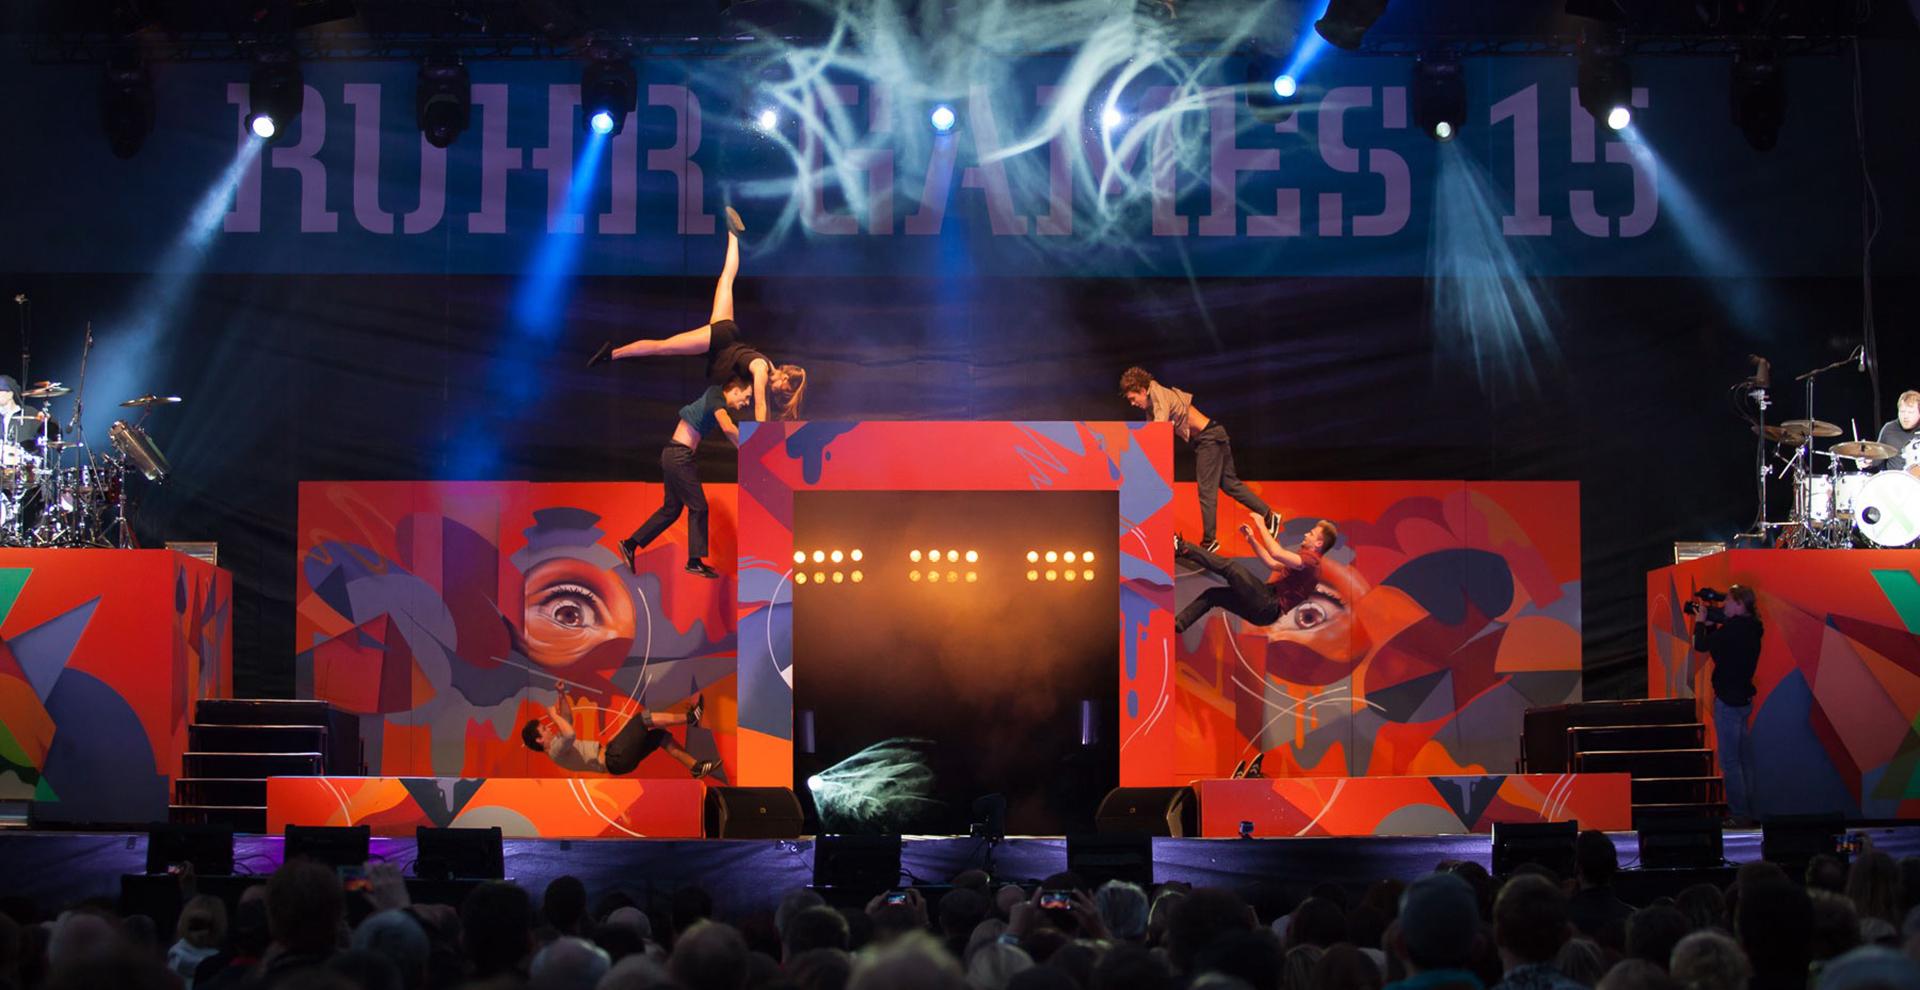 URBANATIX 2015 - Ruhr Games – AGENTUR DACAPO RUHR_07